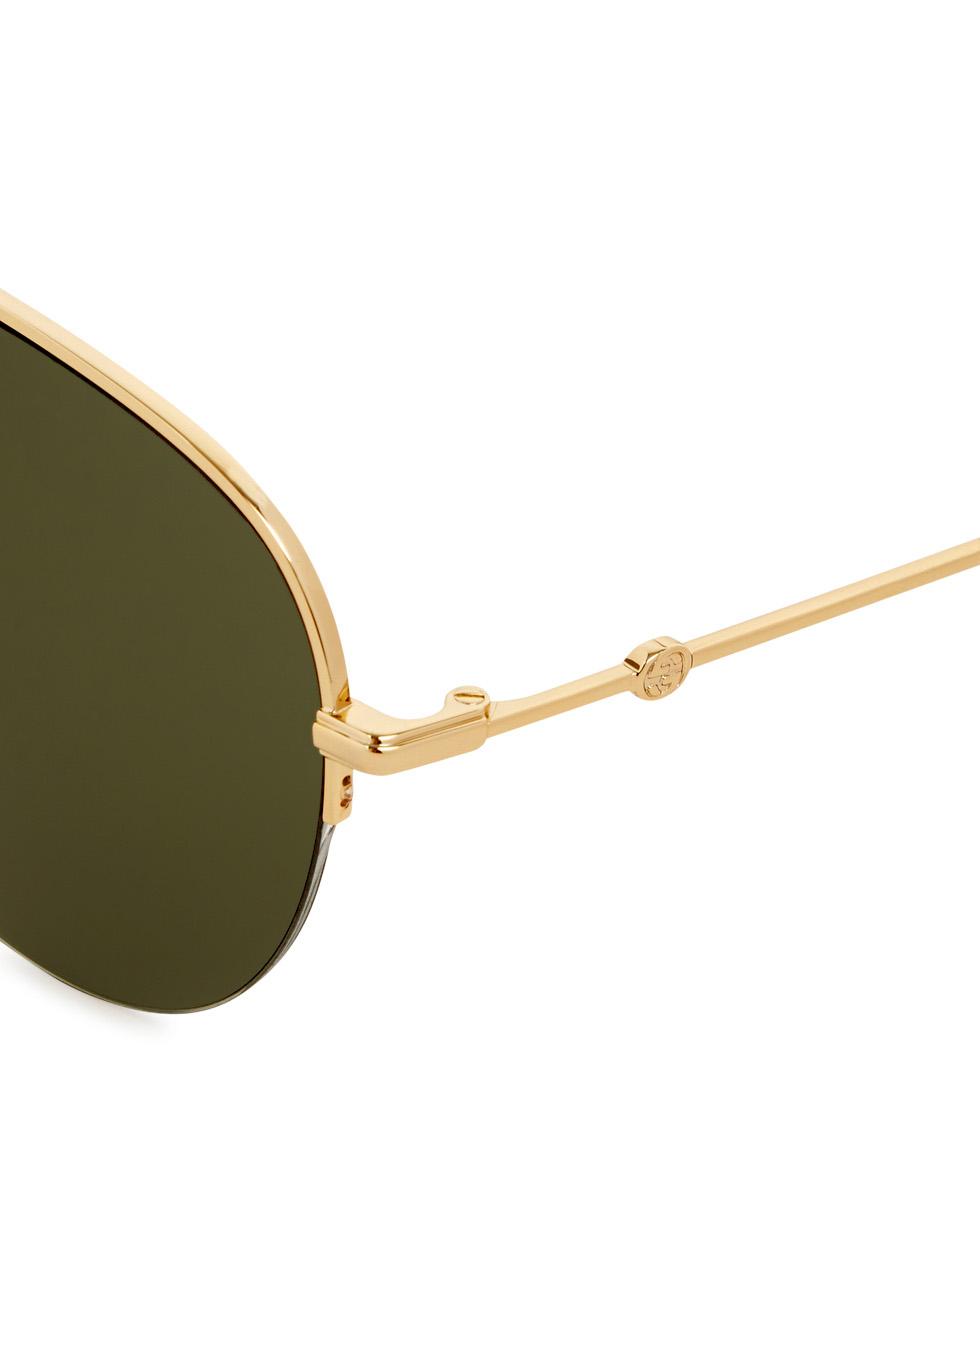 Gold tone aviator-style sunglasses - Gucci